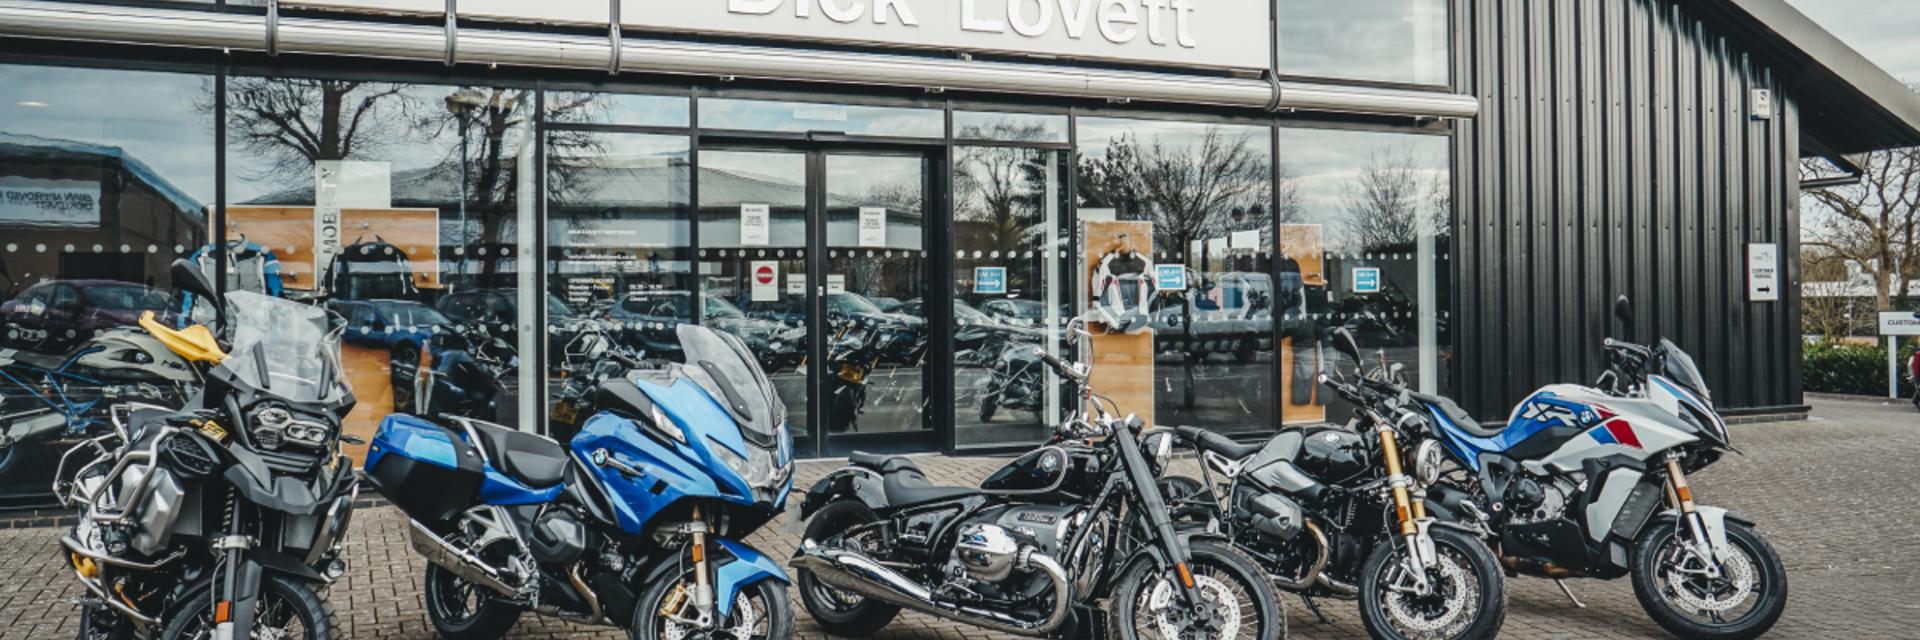 BMW Motorrad Bristol